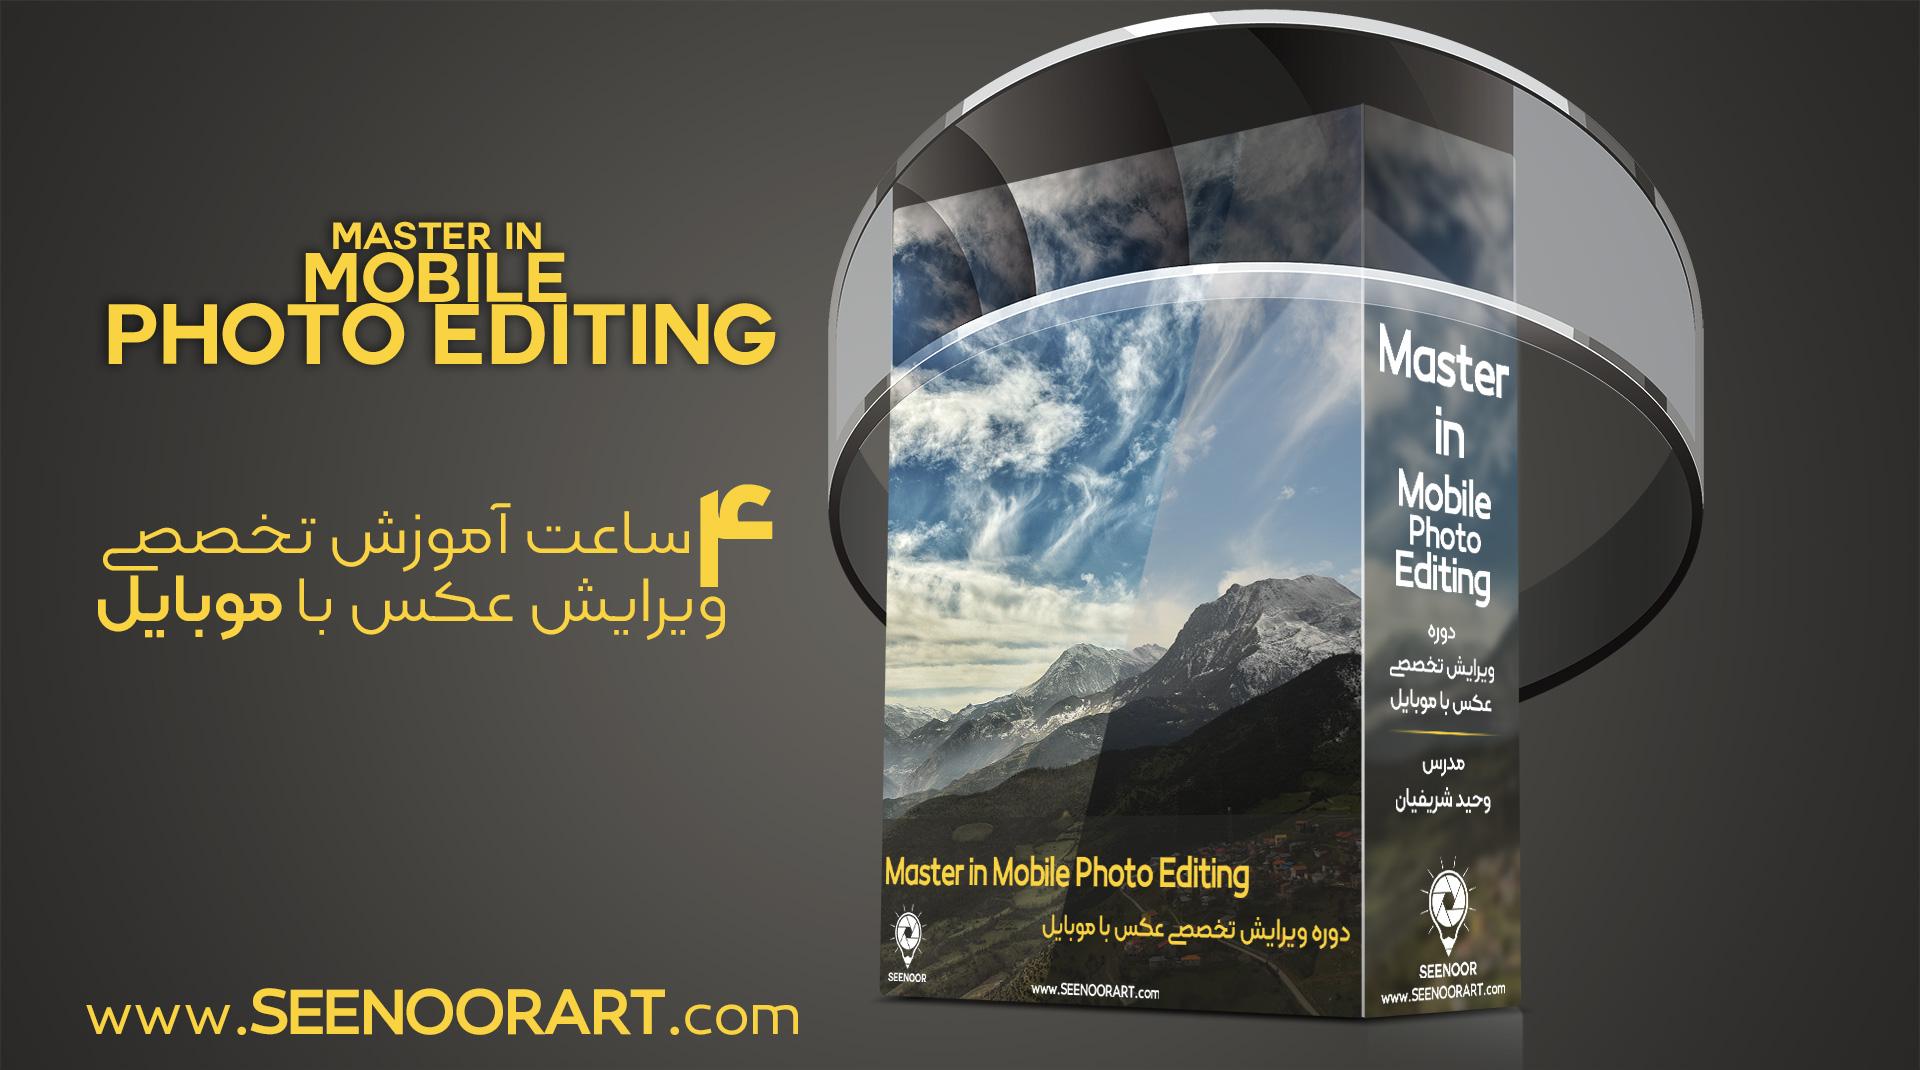 آموزش تخصصی ویرایش عکس با موبایل   آموزش عکاسی